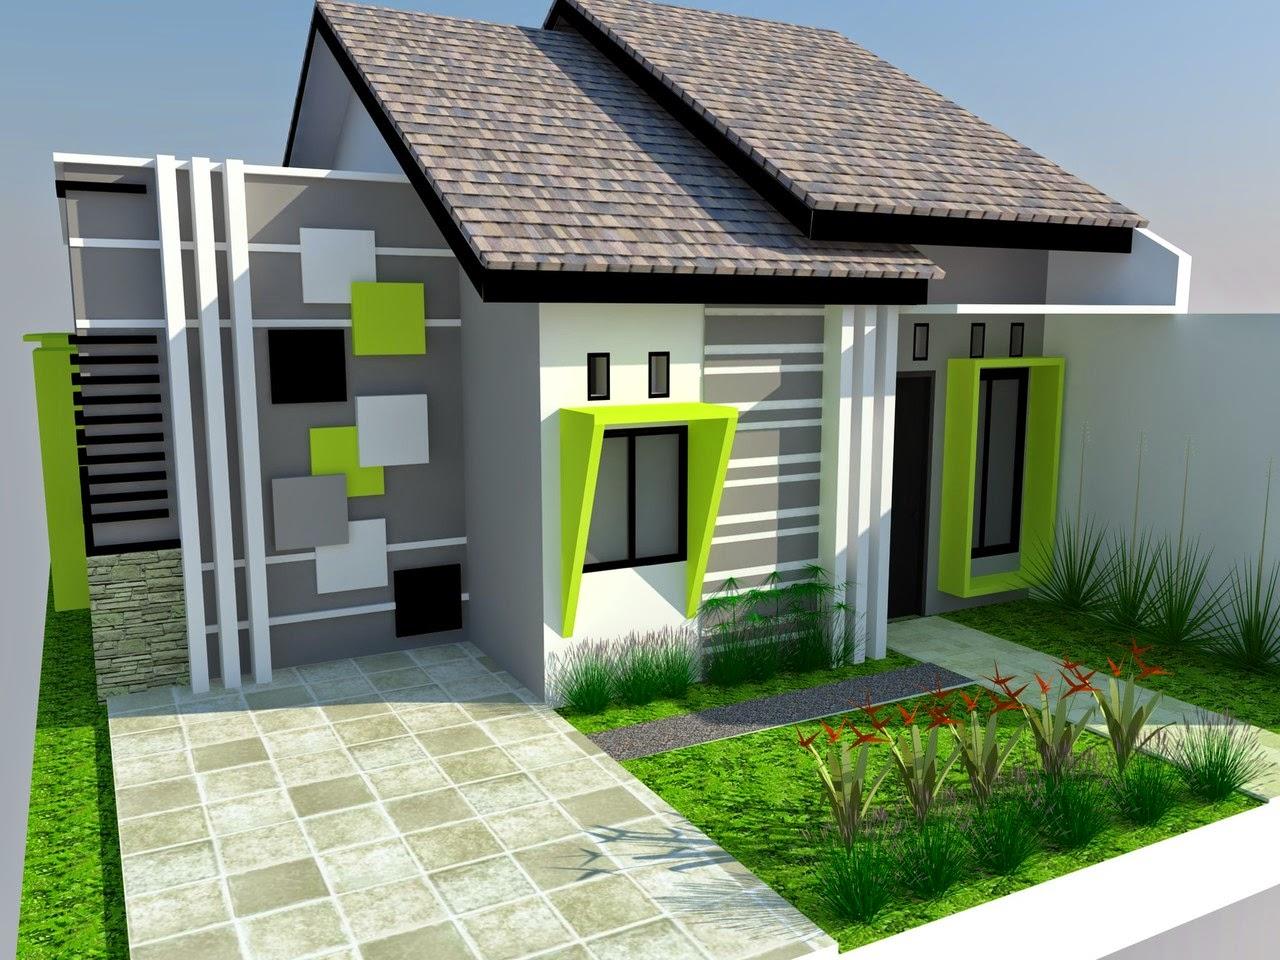 70 Desain Rumah Minimalis Simple Desain Rumah Minimalis Terbaru